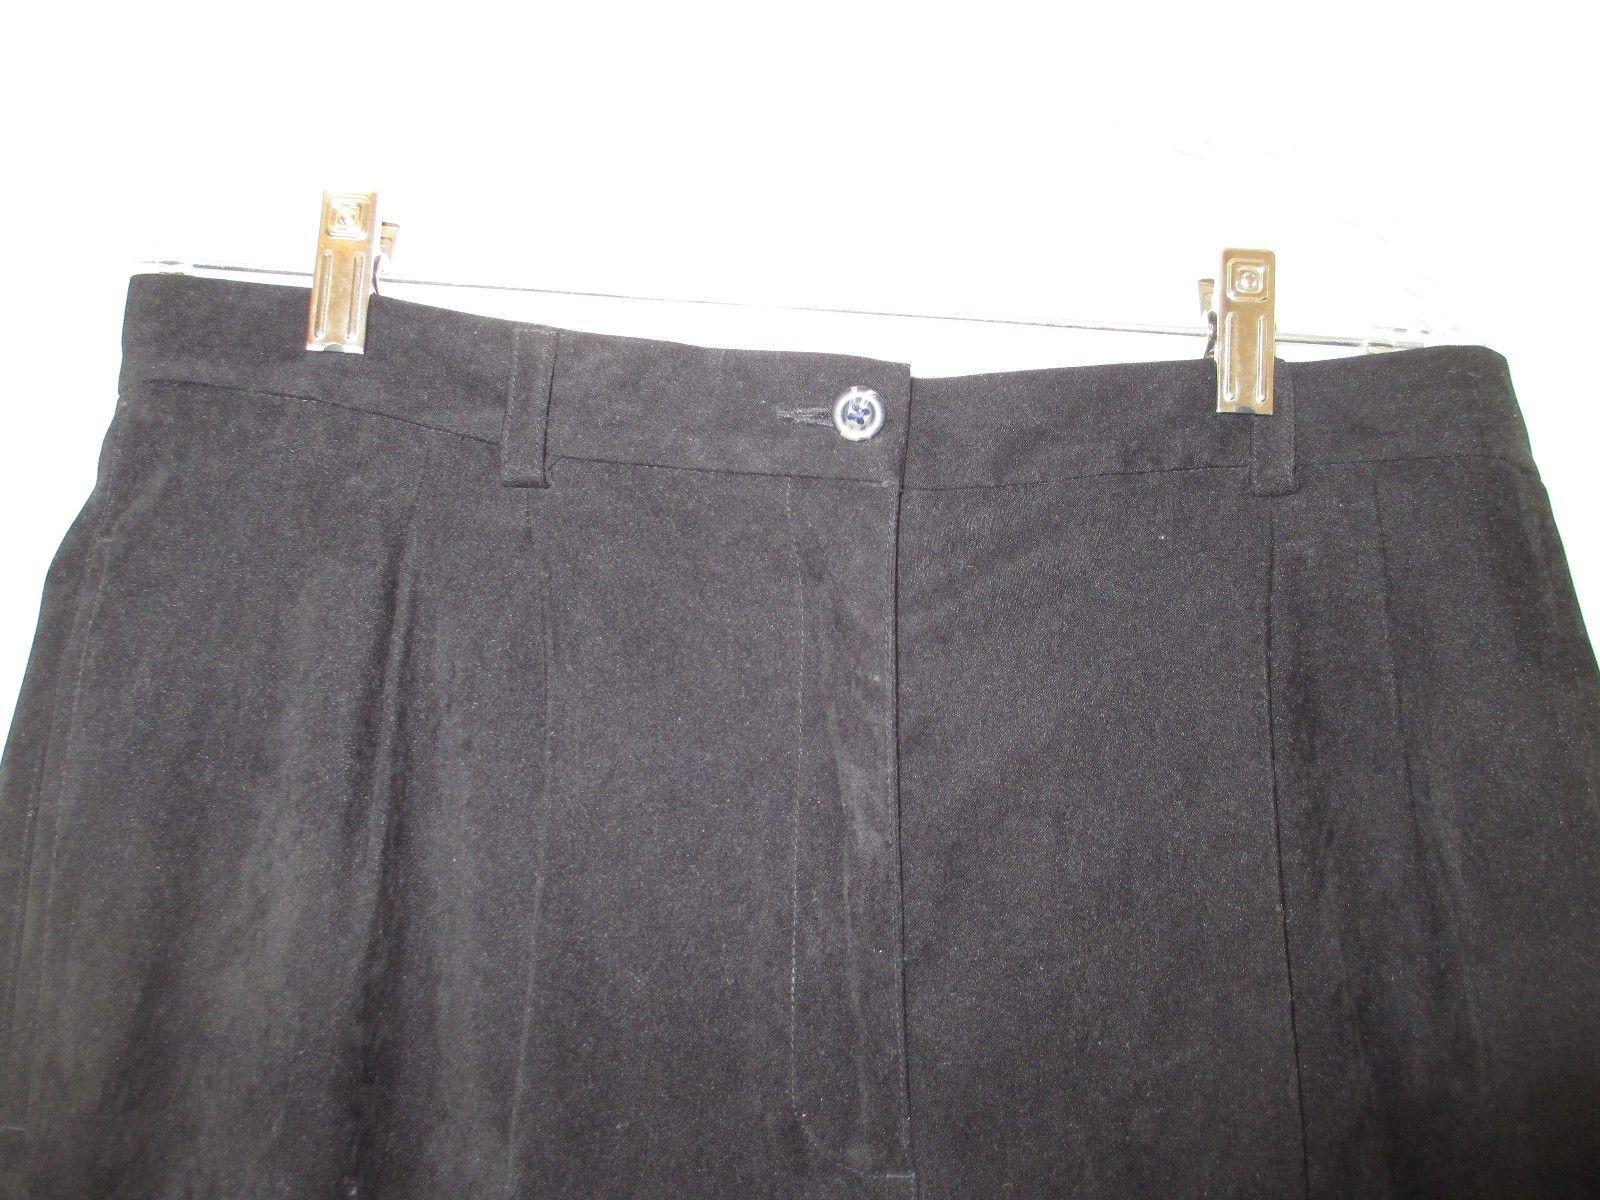 Liz Claiborne Lizsport Black Pants Size 16